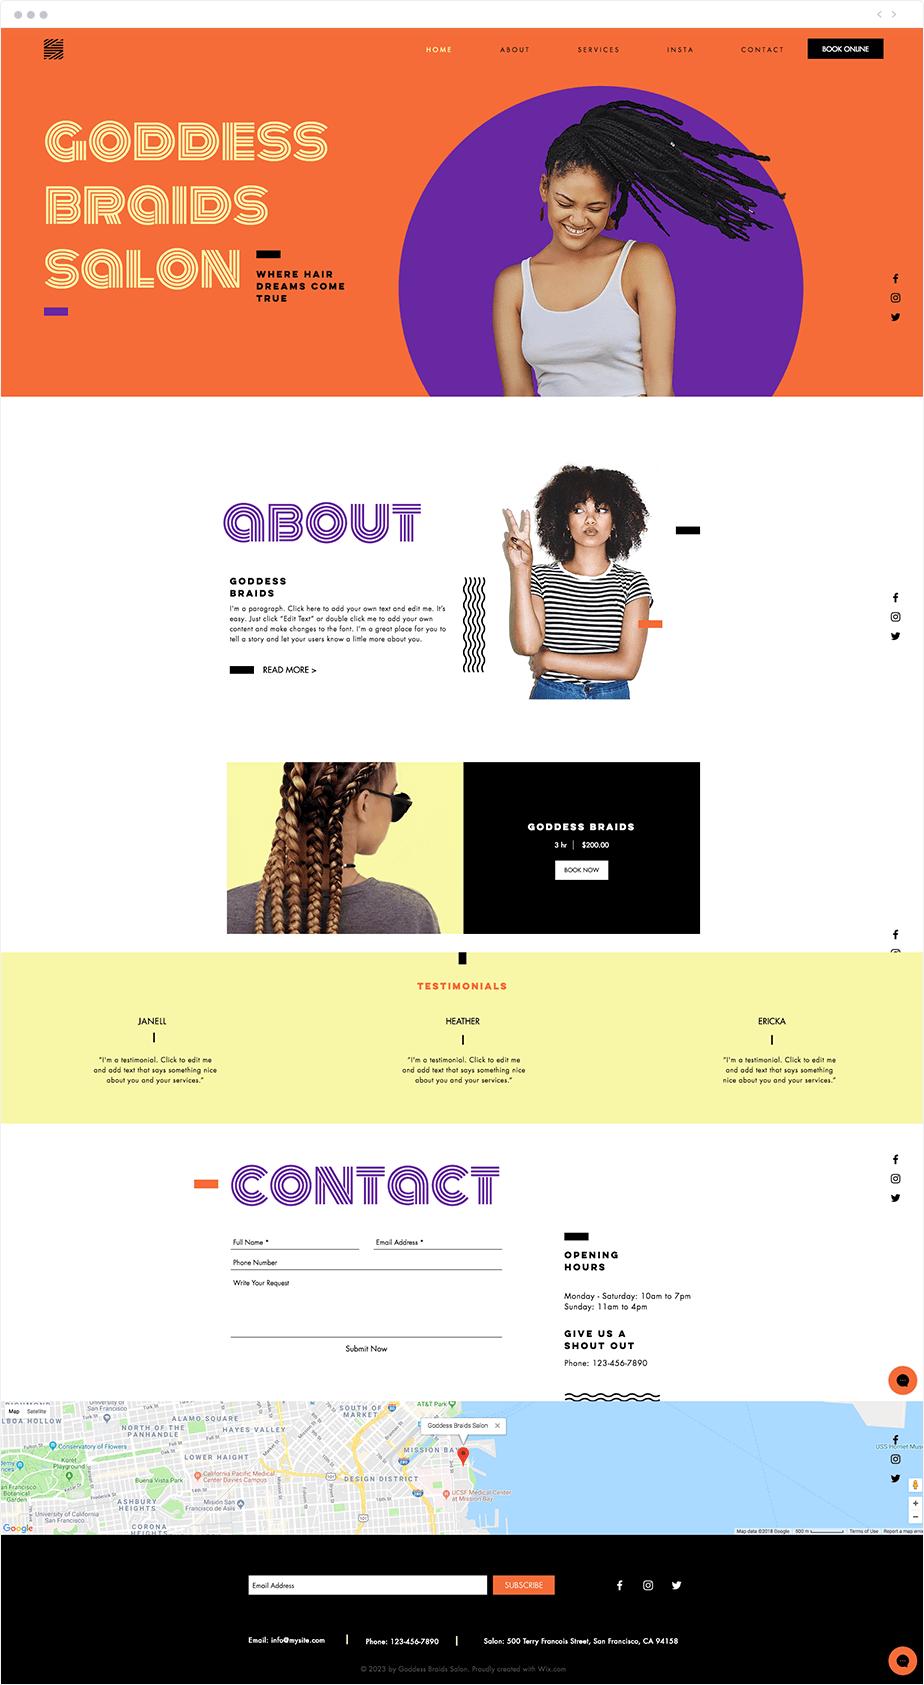 Os 7 Princípios do Design e Suas Aplicações nos Sites: Repetição